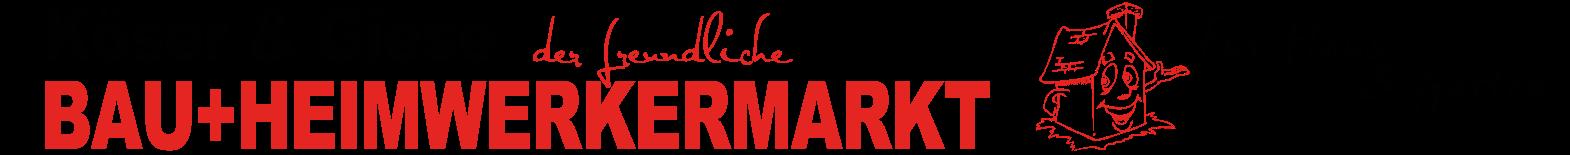 Köser & Giese Bau- und Heimwerkermarkt